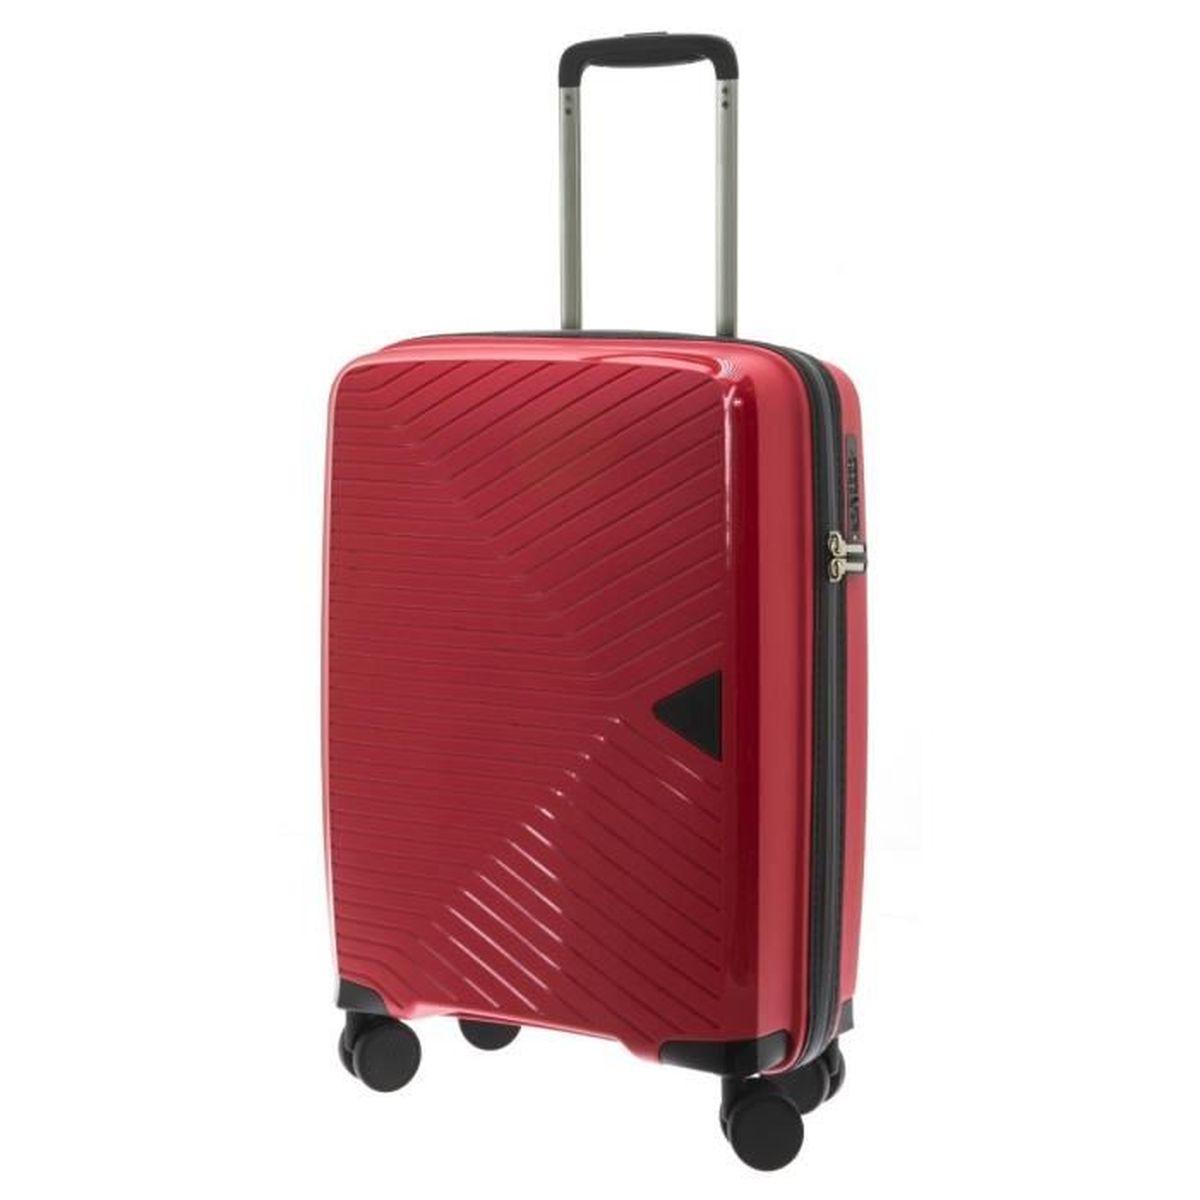 VALISE - BAGAGE Valise DAVIDT'S NAUTILUS TSA Polypropylène RED 55